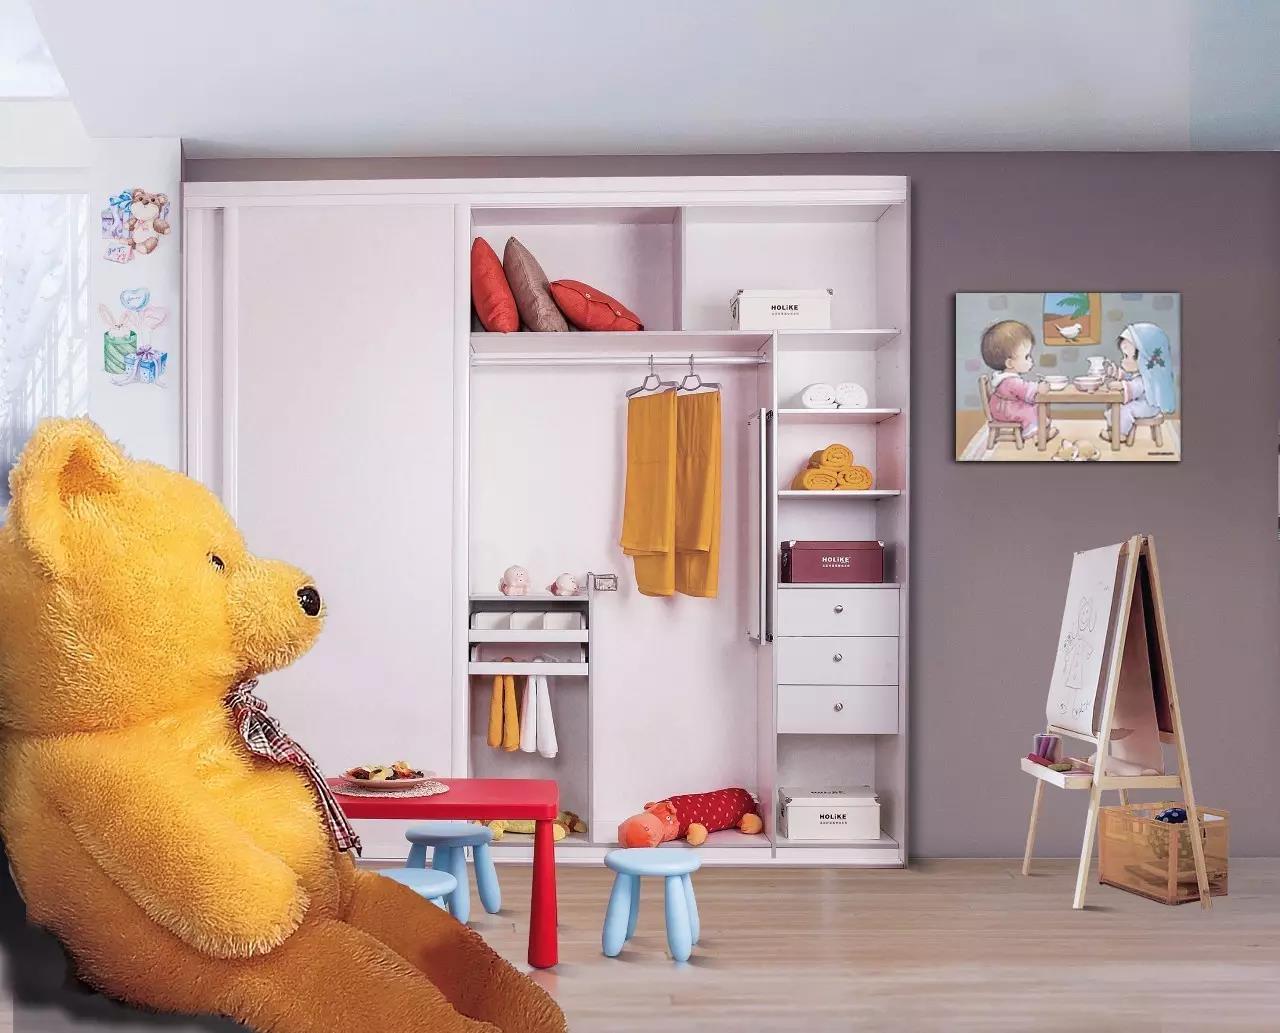 衣柜中的抽屉属于明确分类区